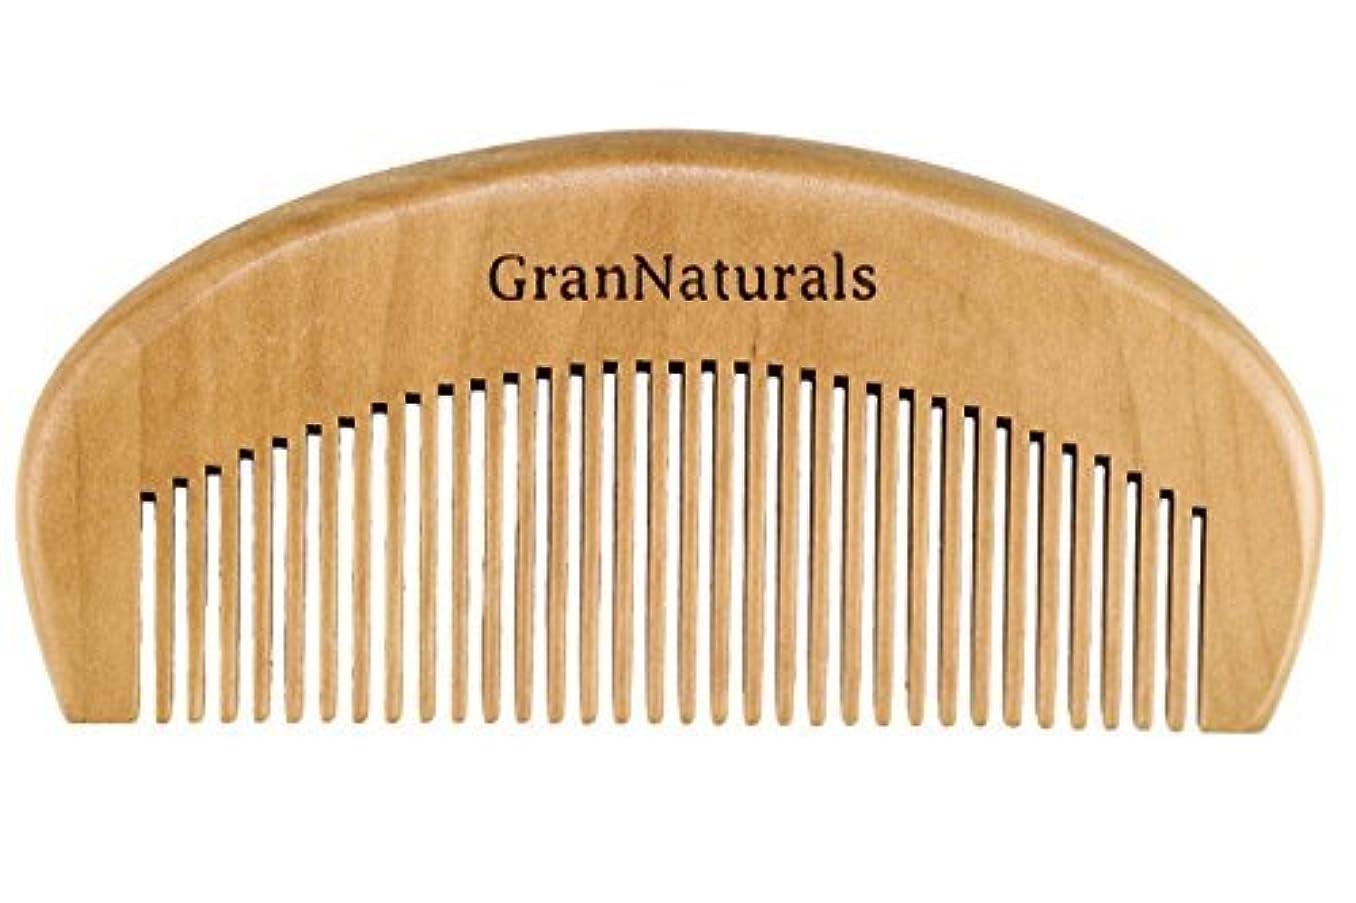 物語プレゼンテーションページェントGranNaturals Wooden Comb Hair + Beard Detangler for Women and Men - Natural Anti Static Wood for Detangling and Styling Wet or Dry Curly, Thick, Wavy, or Straight Hair - Small Pocket Sized [並行輸入品]